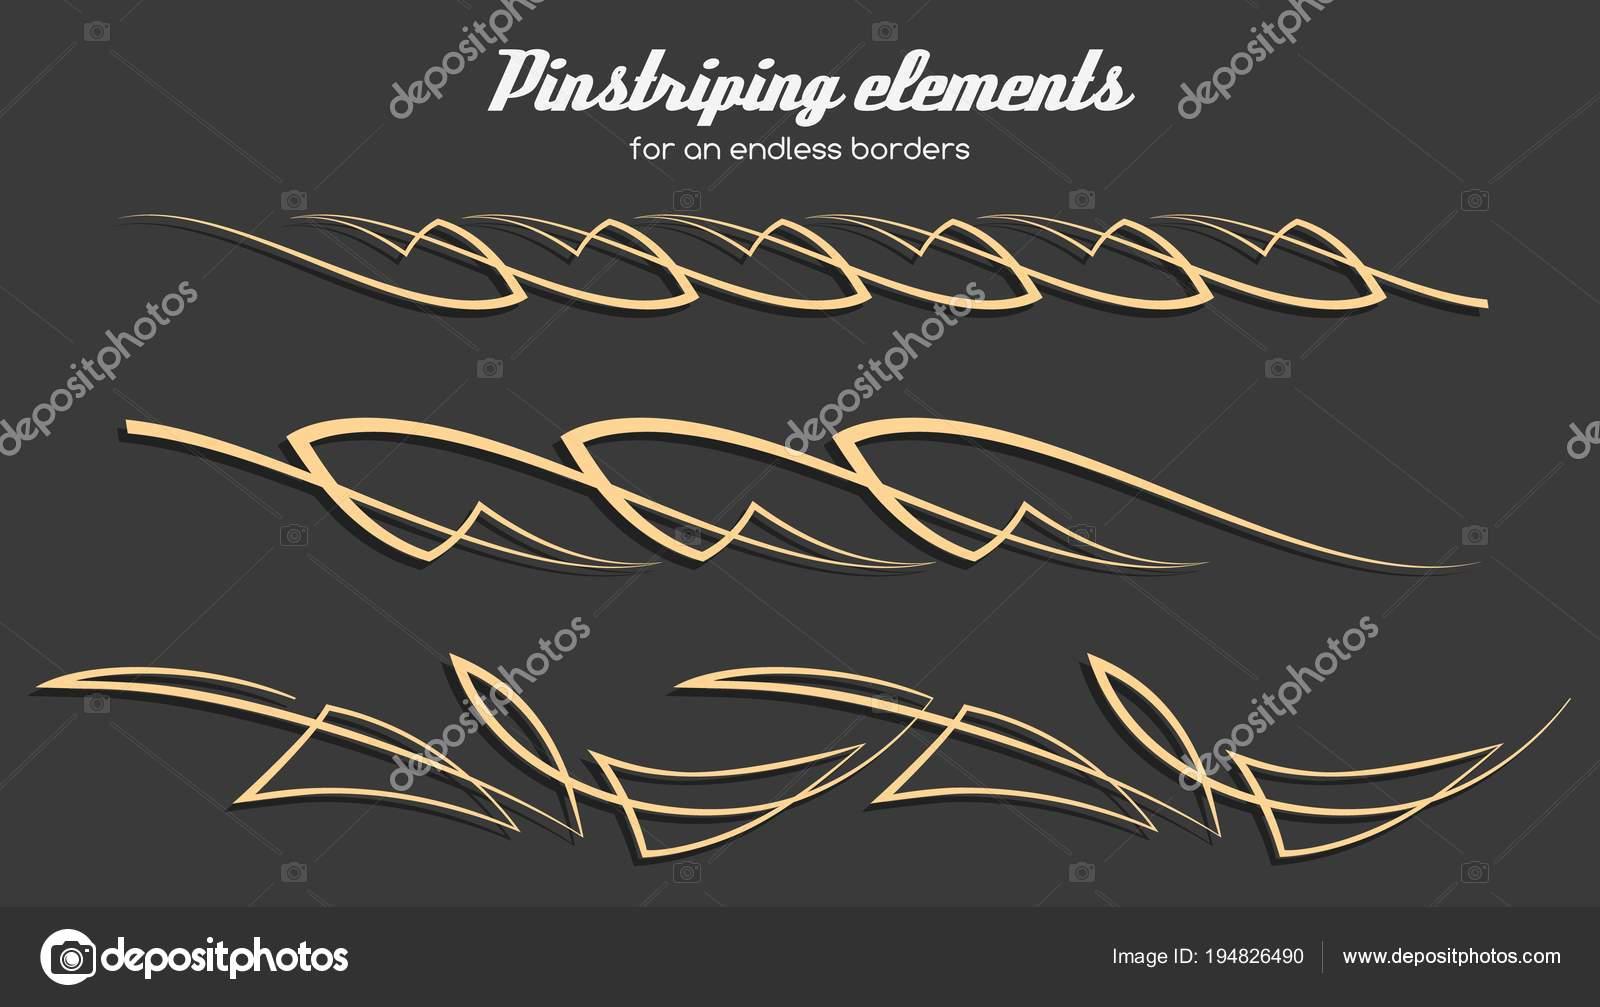 Elementos de ornamento de pinstriping, conjunto de vectores — Vector ...